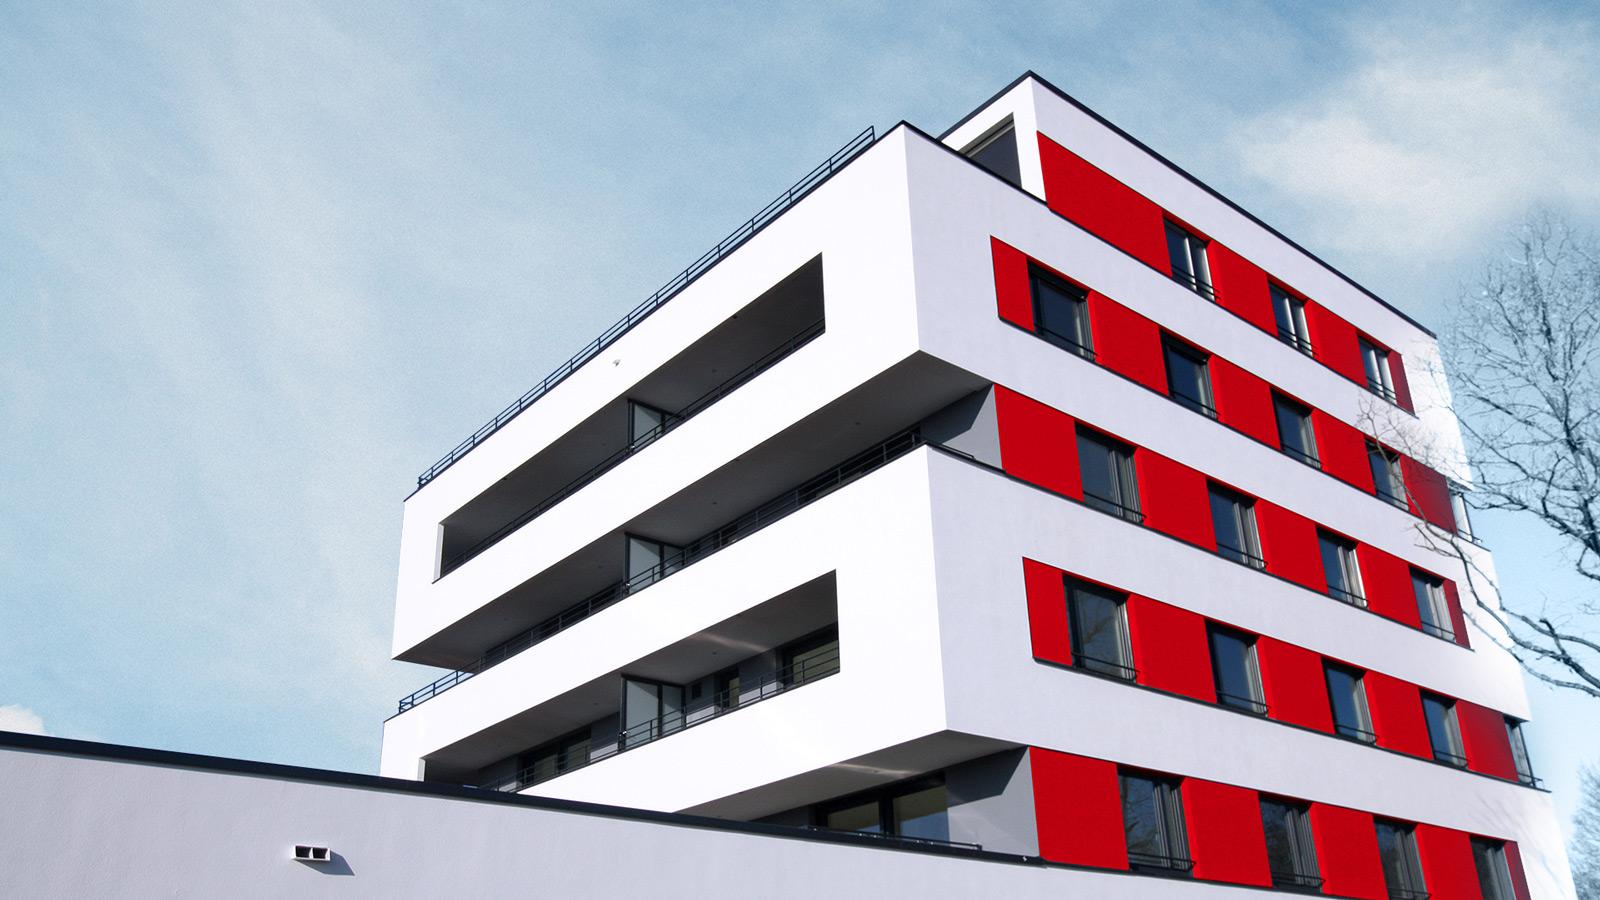 Hausverwaltung-Zieglmeier-Verwaltung